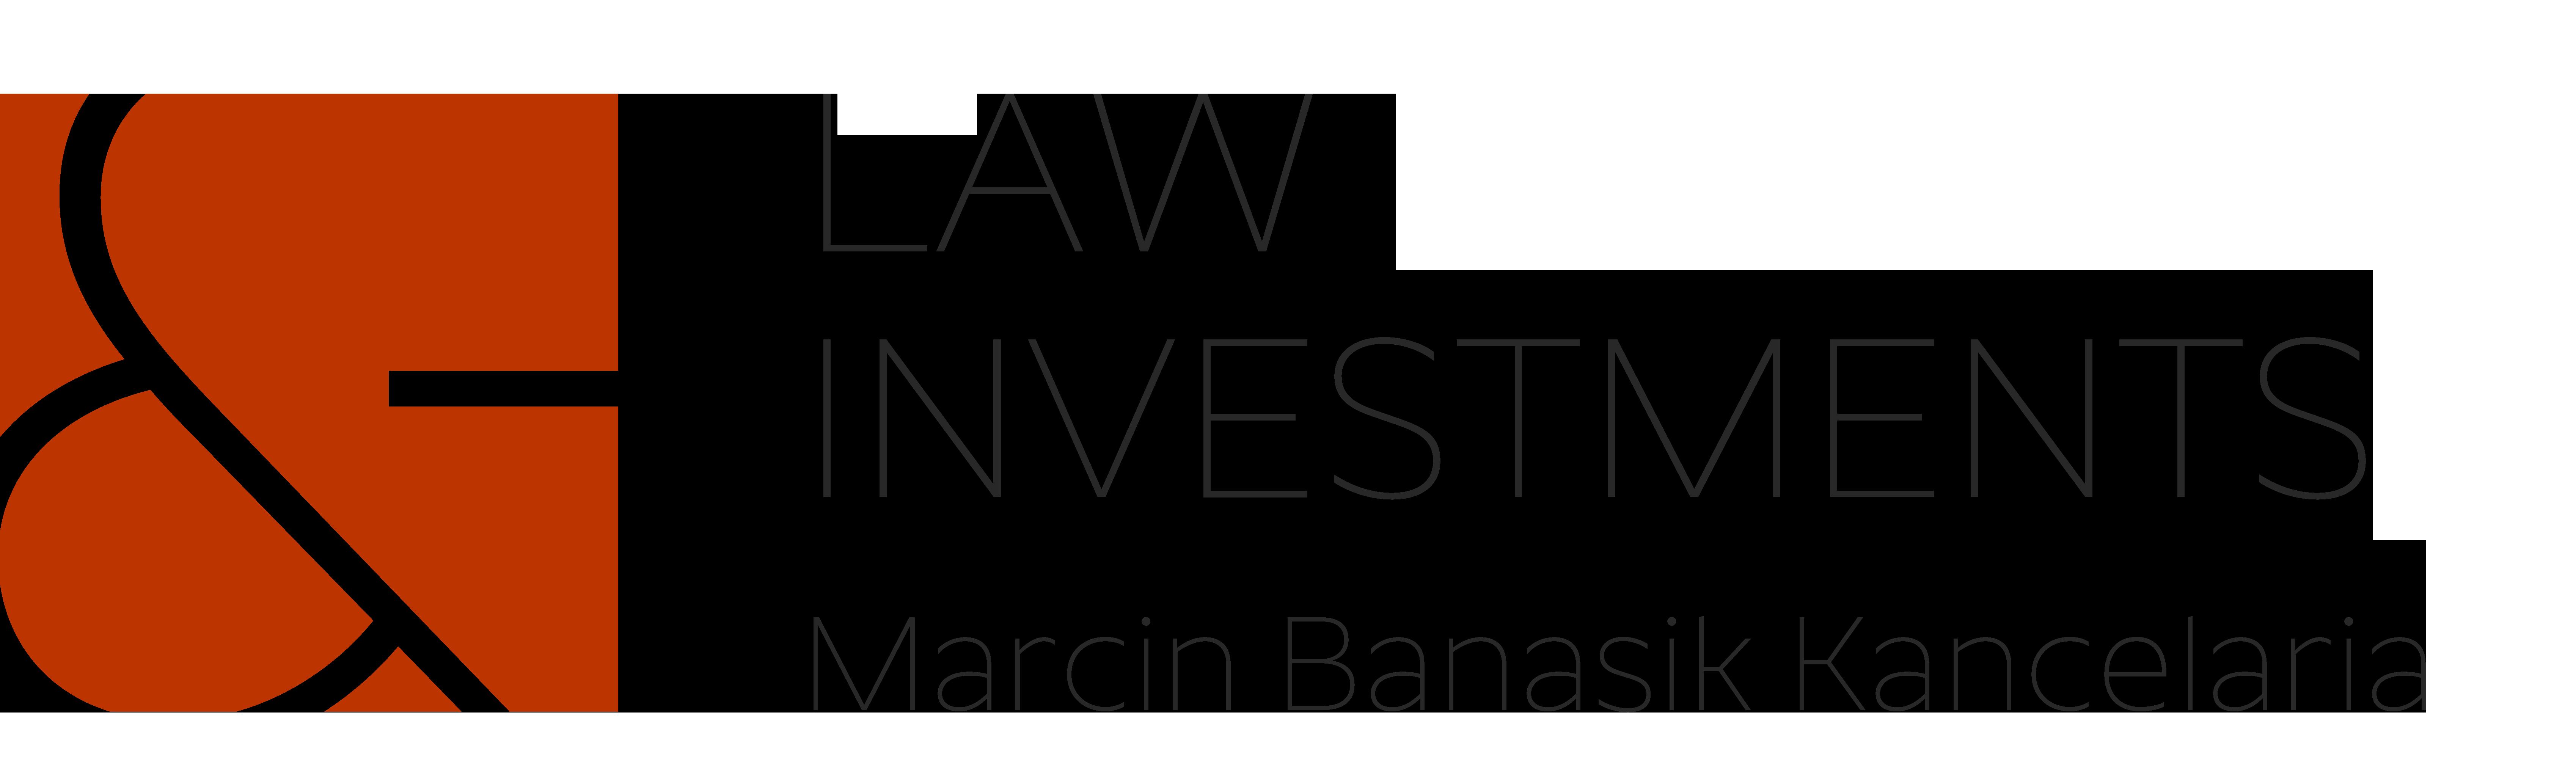 Pomoc prawna w zakresie: bieżącej obsługi przedsiębiorców, tworzenia umów, prawa budowlanego, prawa własności intelektualnej, prawa sportowego, prawa karnego skarbowego oraz gospodarczego, a także transakcji.